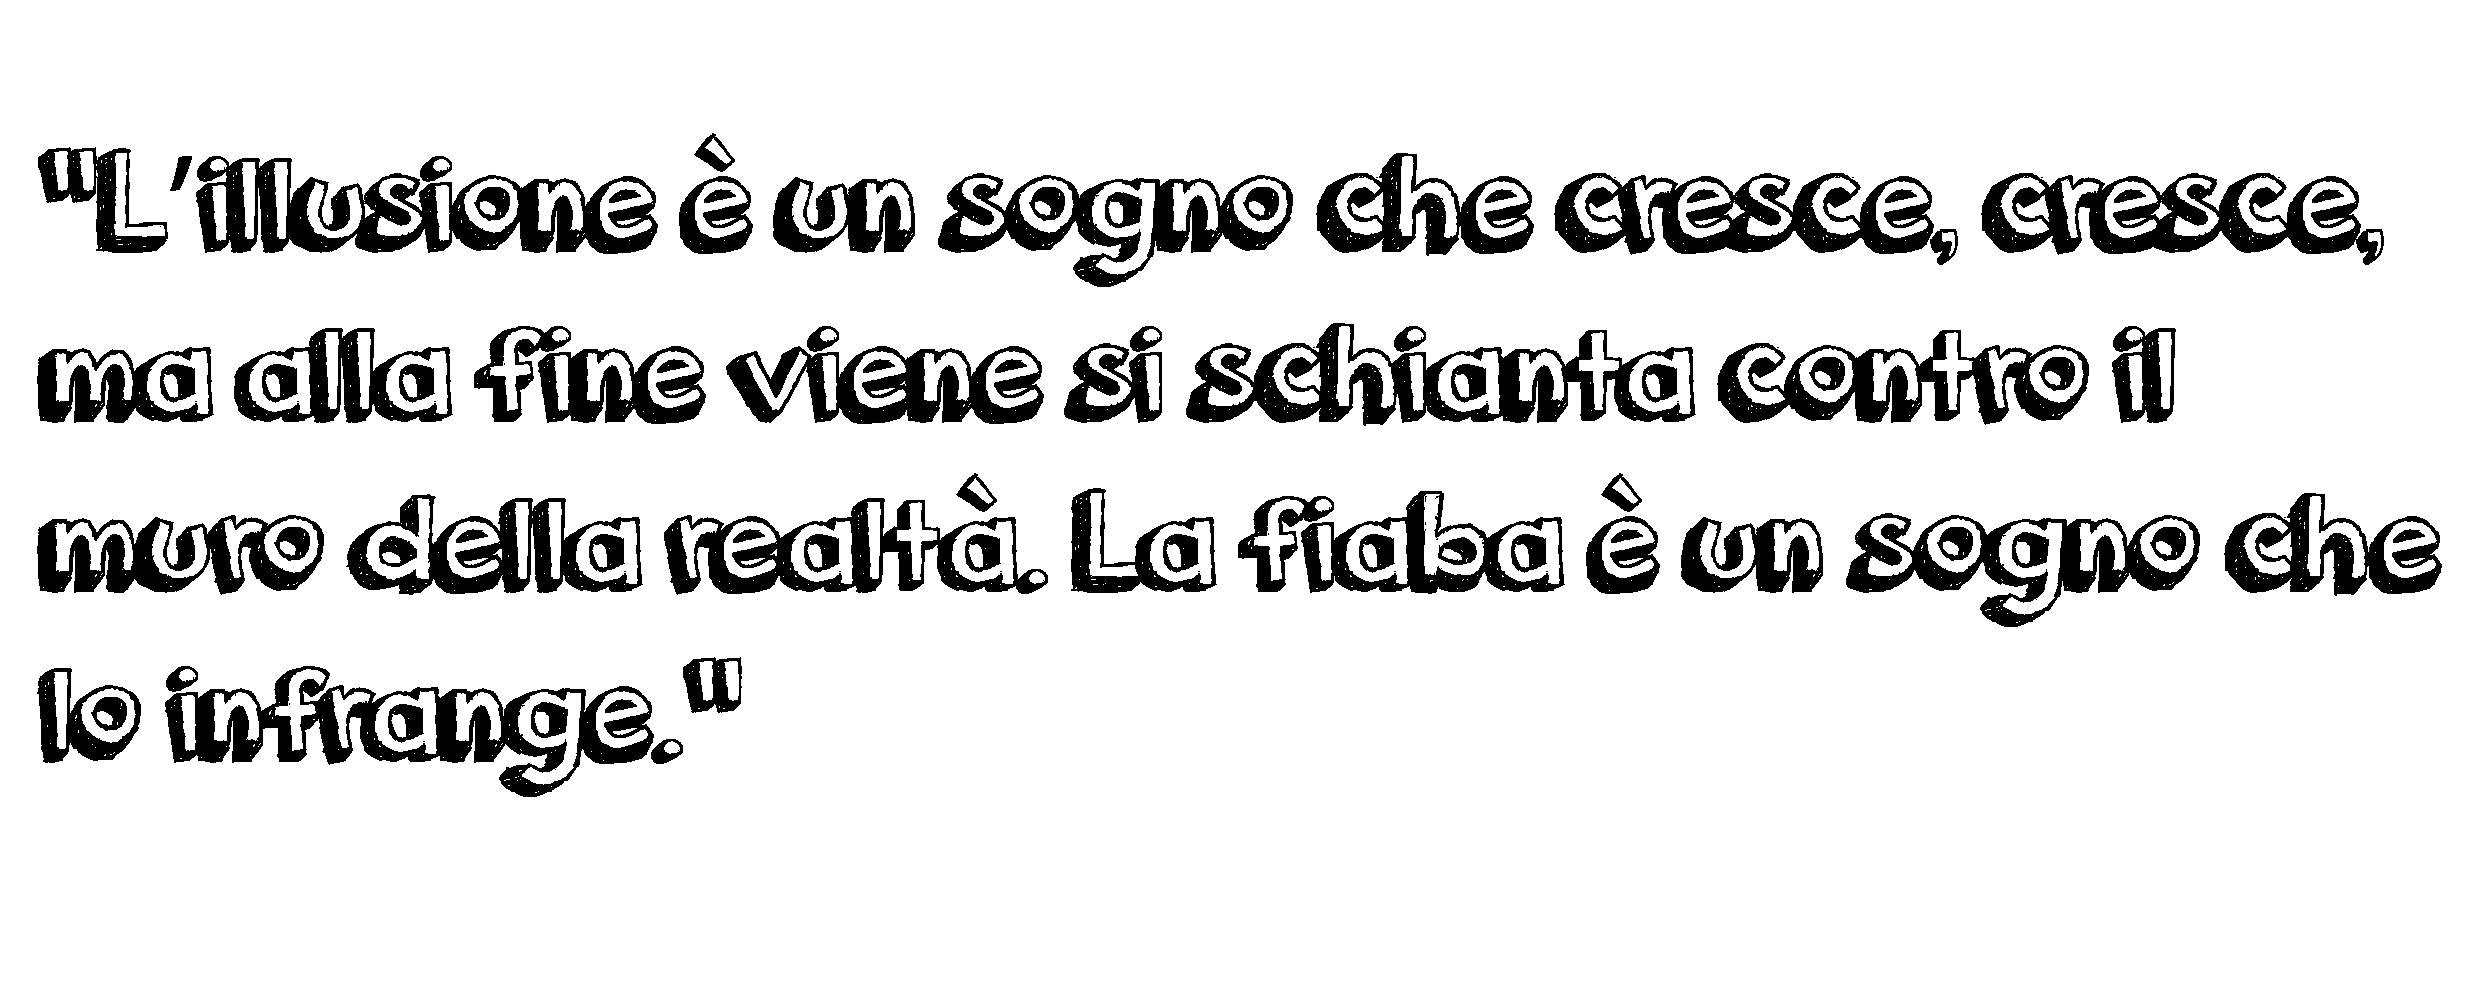 frase-01